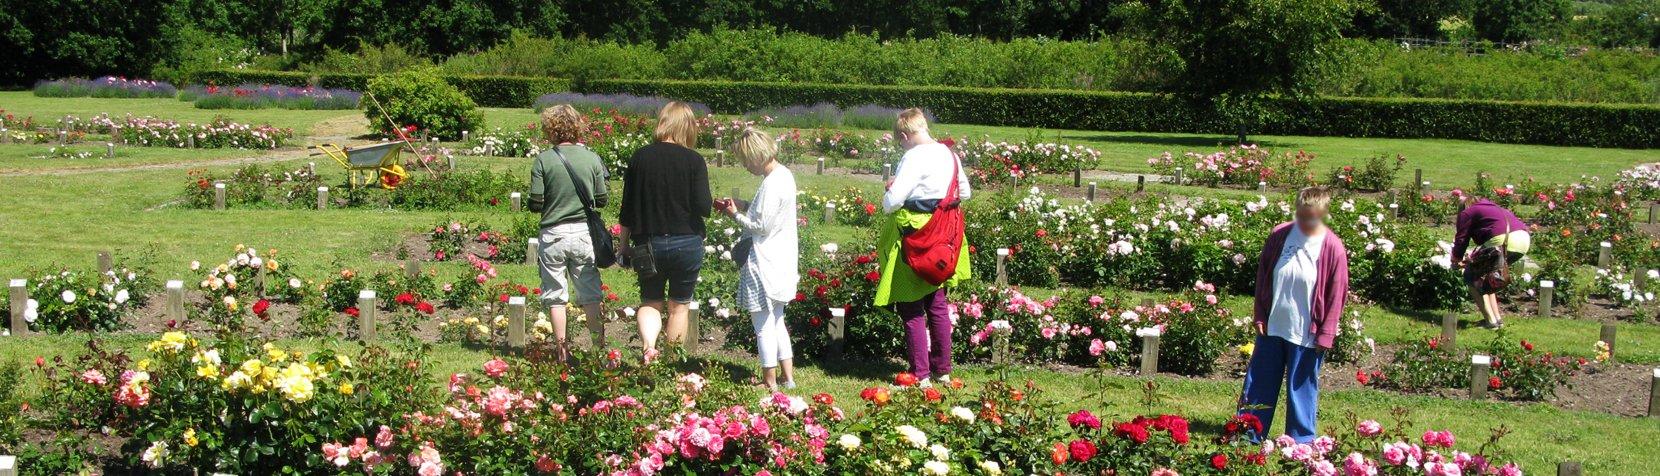 Besøg i blomsterpark